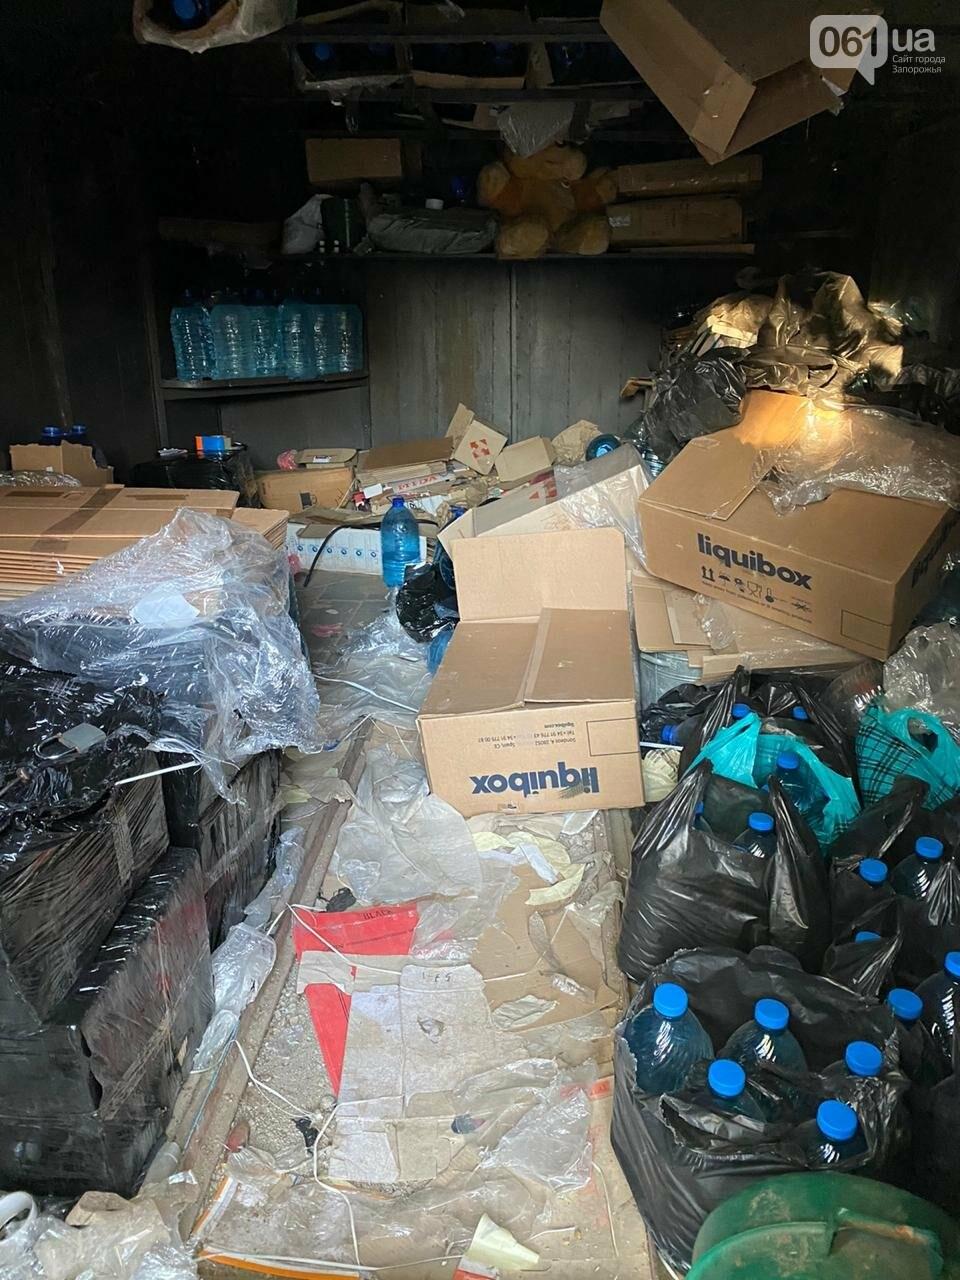 В Запорожской области обнаружили 2,5 тонны фальсифицированного алкоголя, фото-13